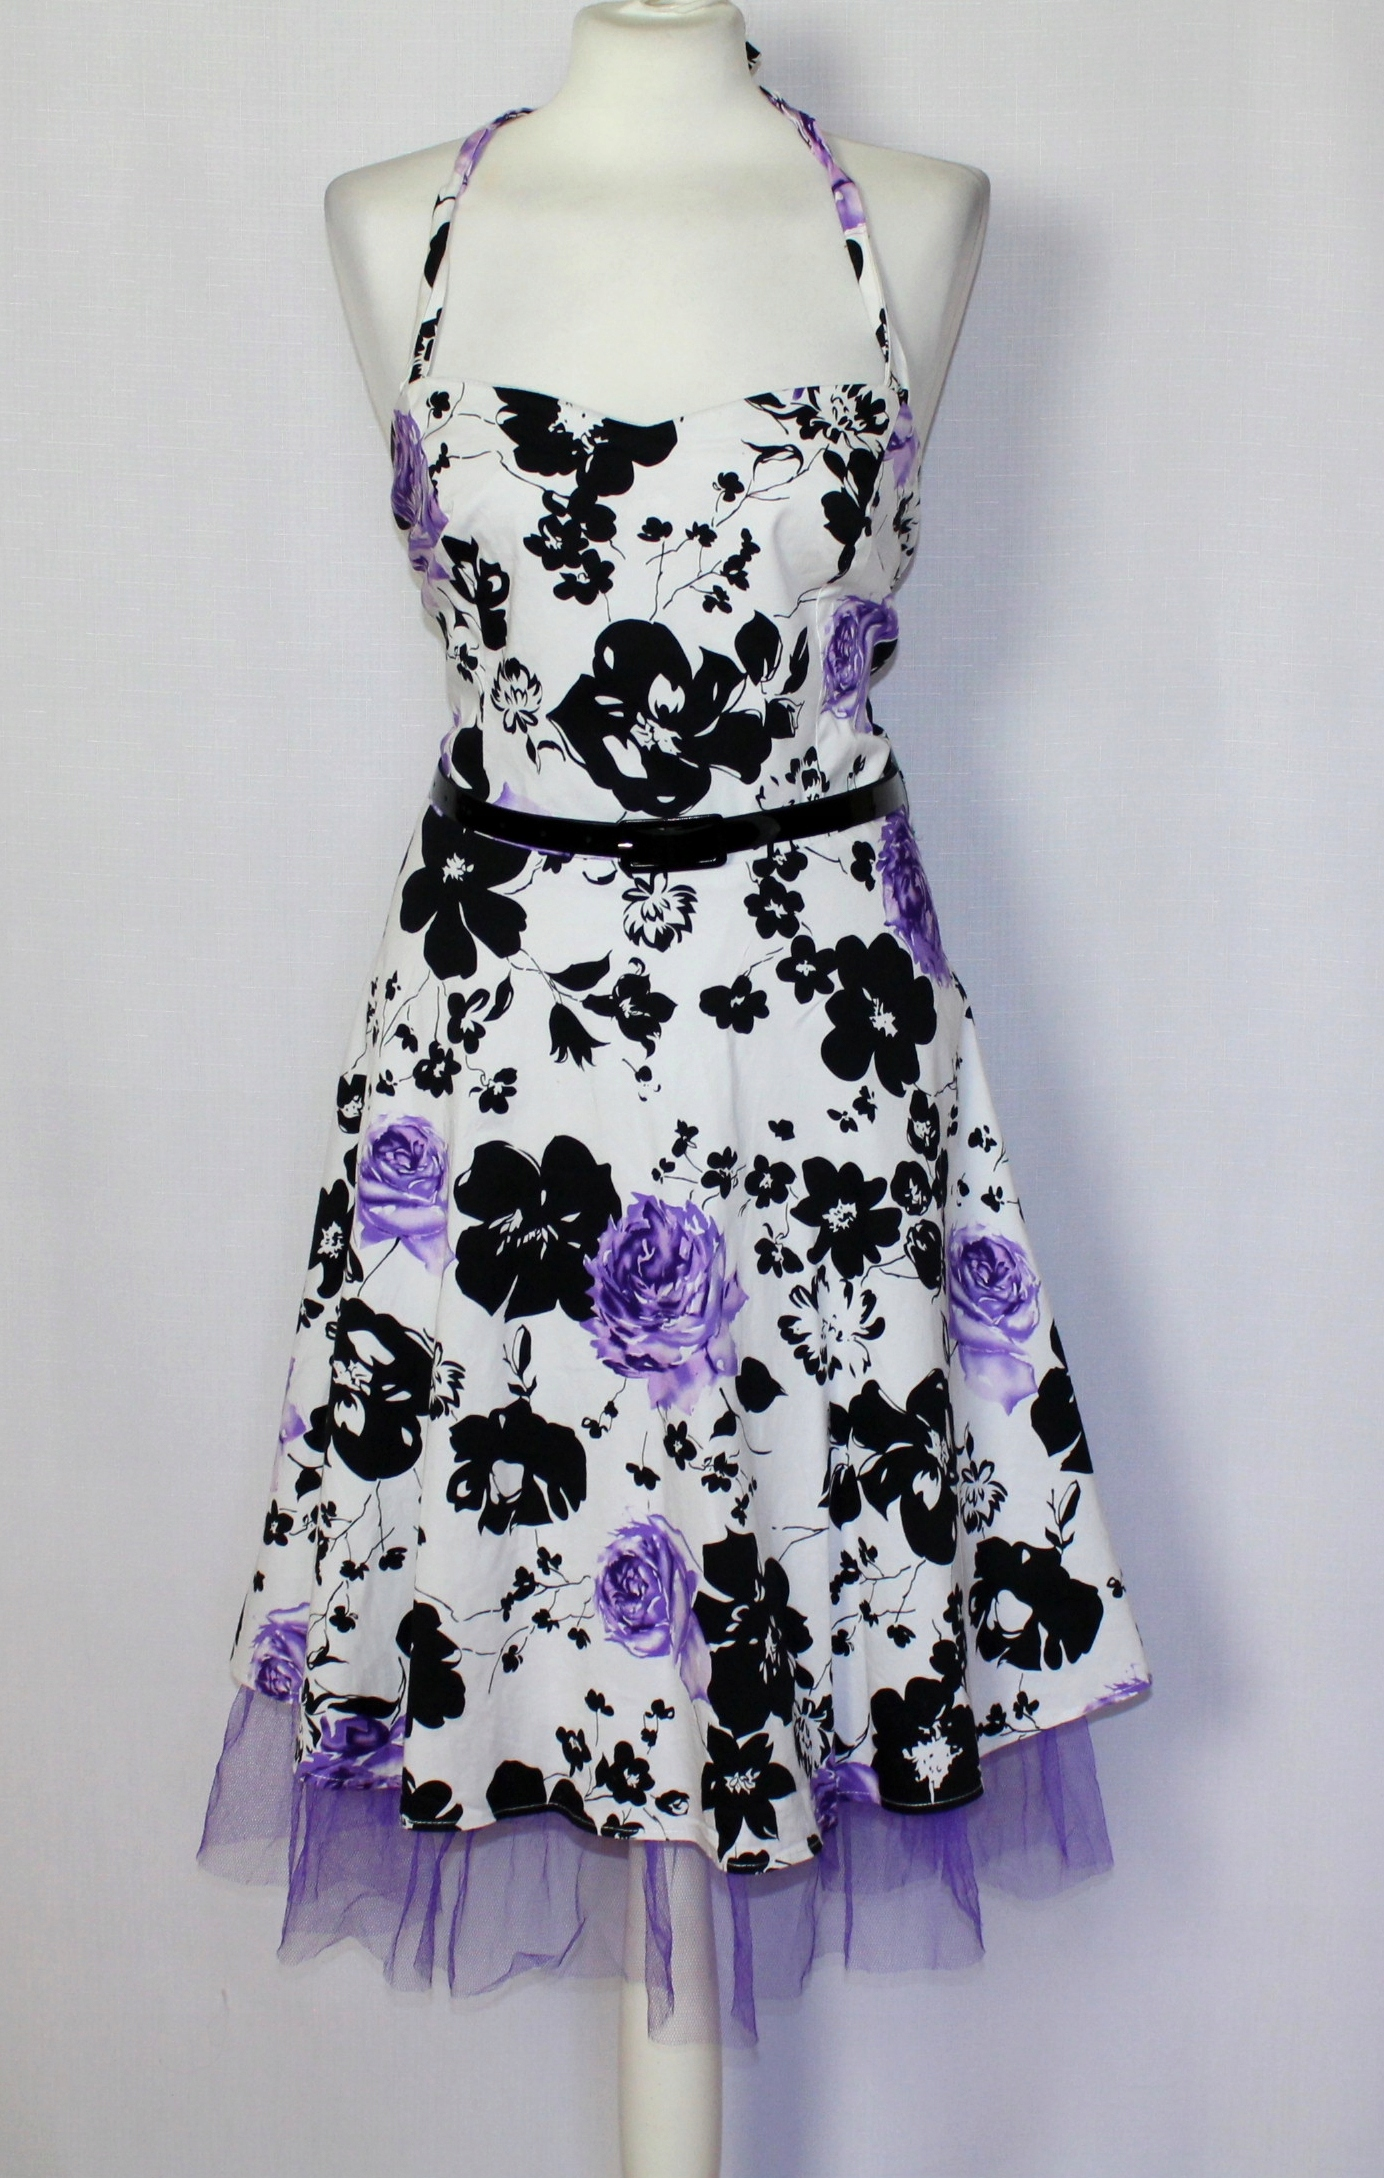 3c83519dcc Sukienka pin-up girl w kwiaty na szyję 46 18 3XL - 7448586900 ...